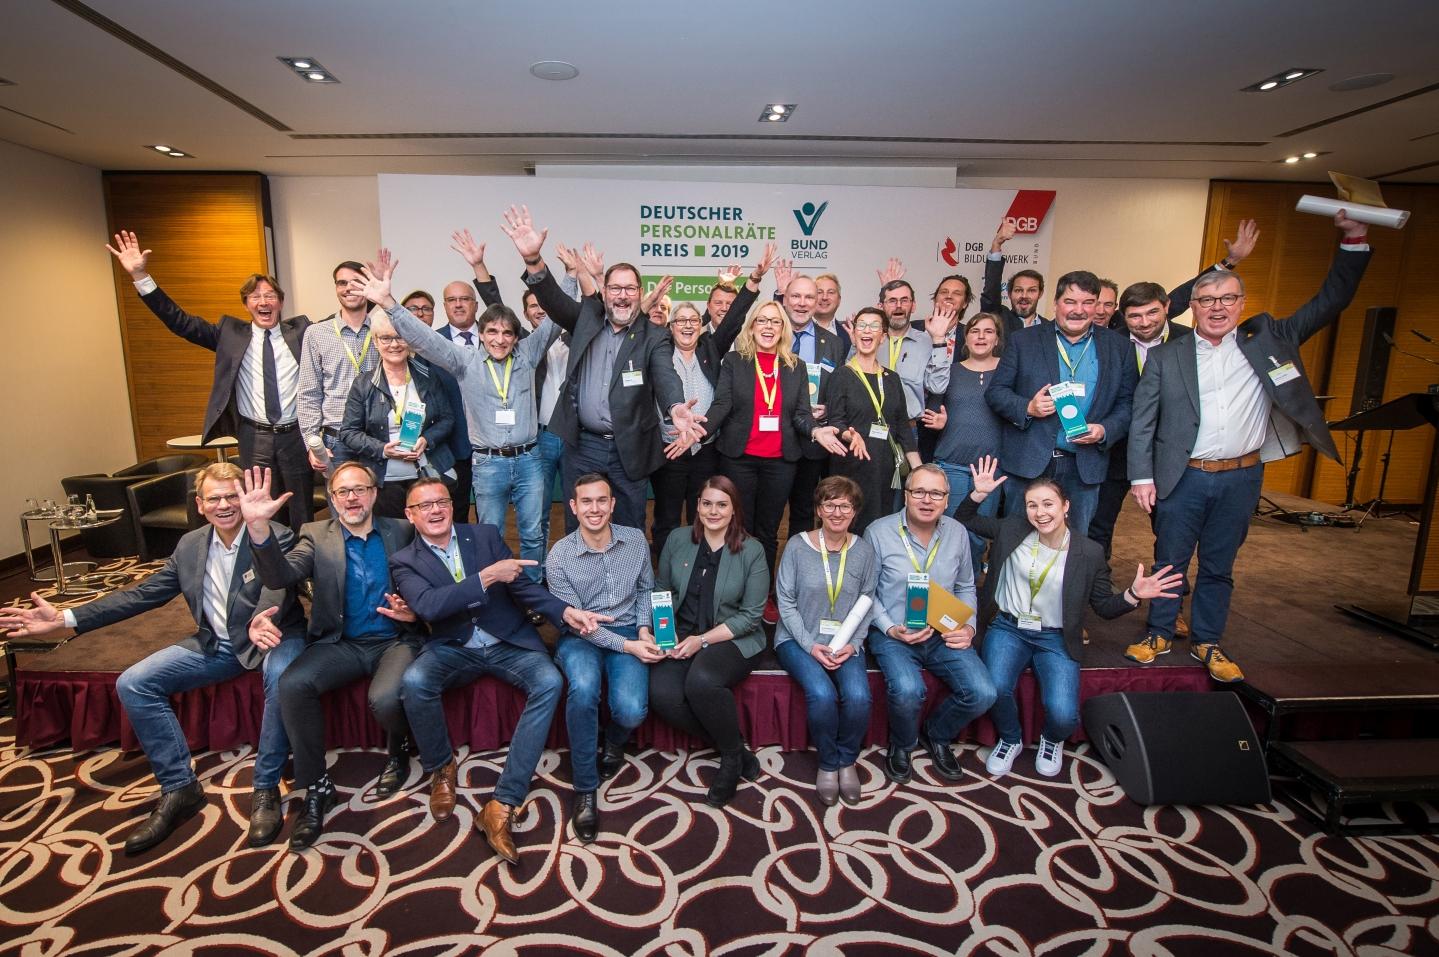 Preisträger, Nominierte, Jury und Ausrichter des Deutschen Personalräte-Preises 2019